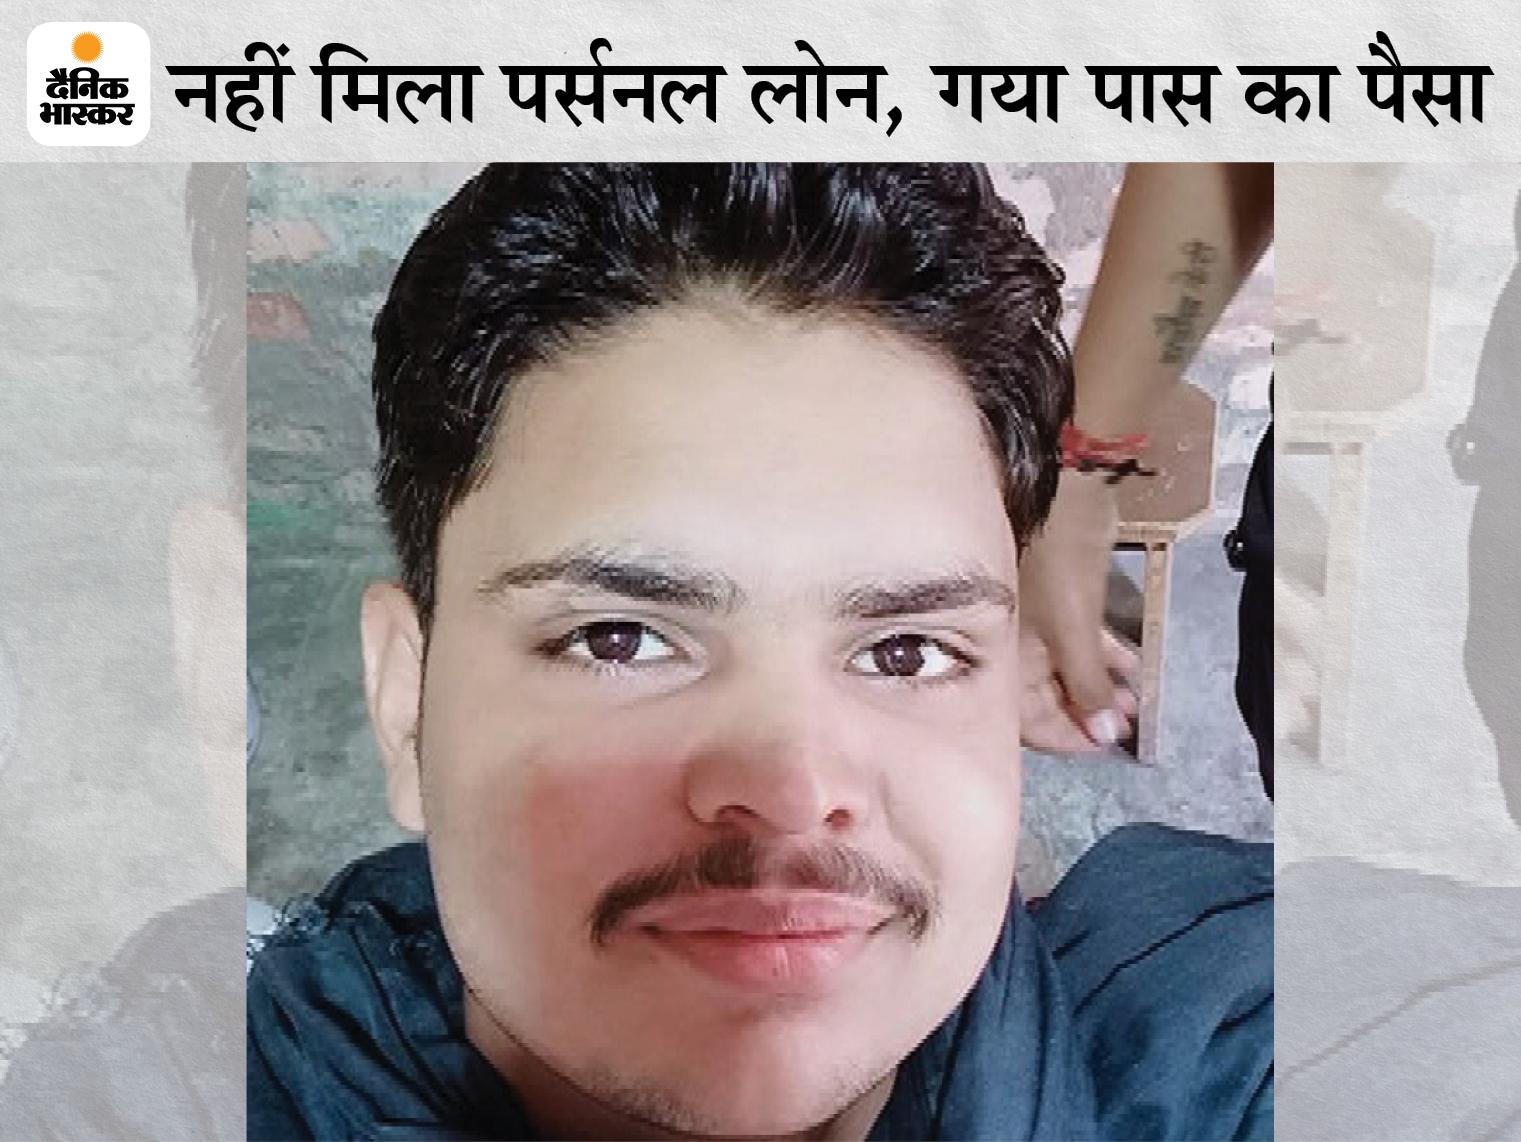 डेढ़लाख का पर्सनल लोन कराने के बहाने युवक से 48 हजार की ठगी; दूध के काम में घाटा होने पर पीड़ित ने किया था लोन के लिए अप्लाई|पानीपत,Panipat - Dainik Bhaskar